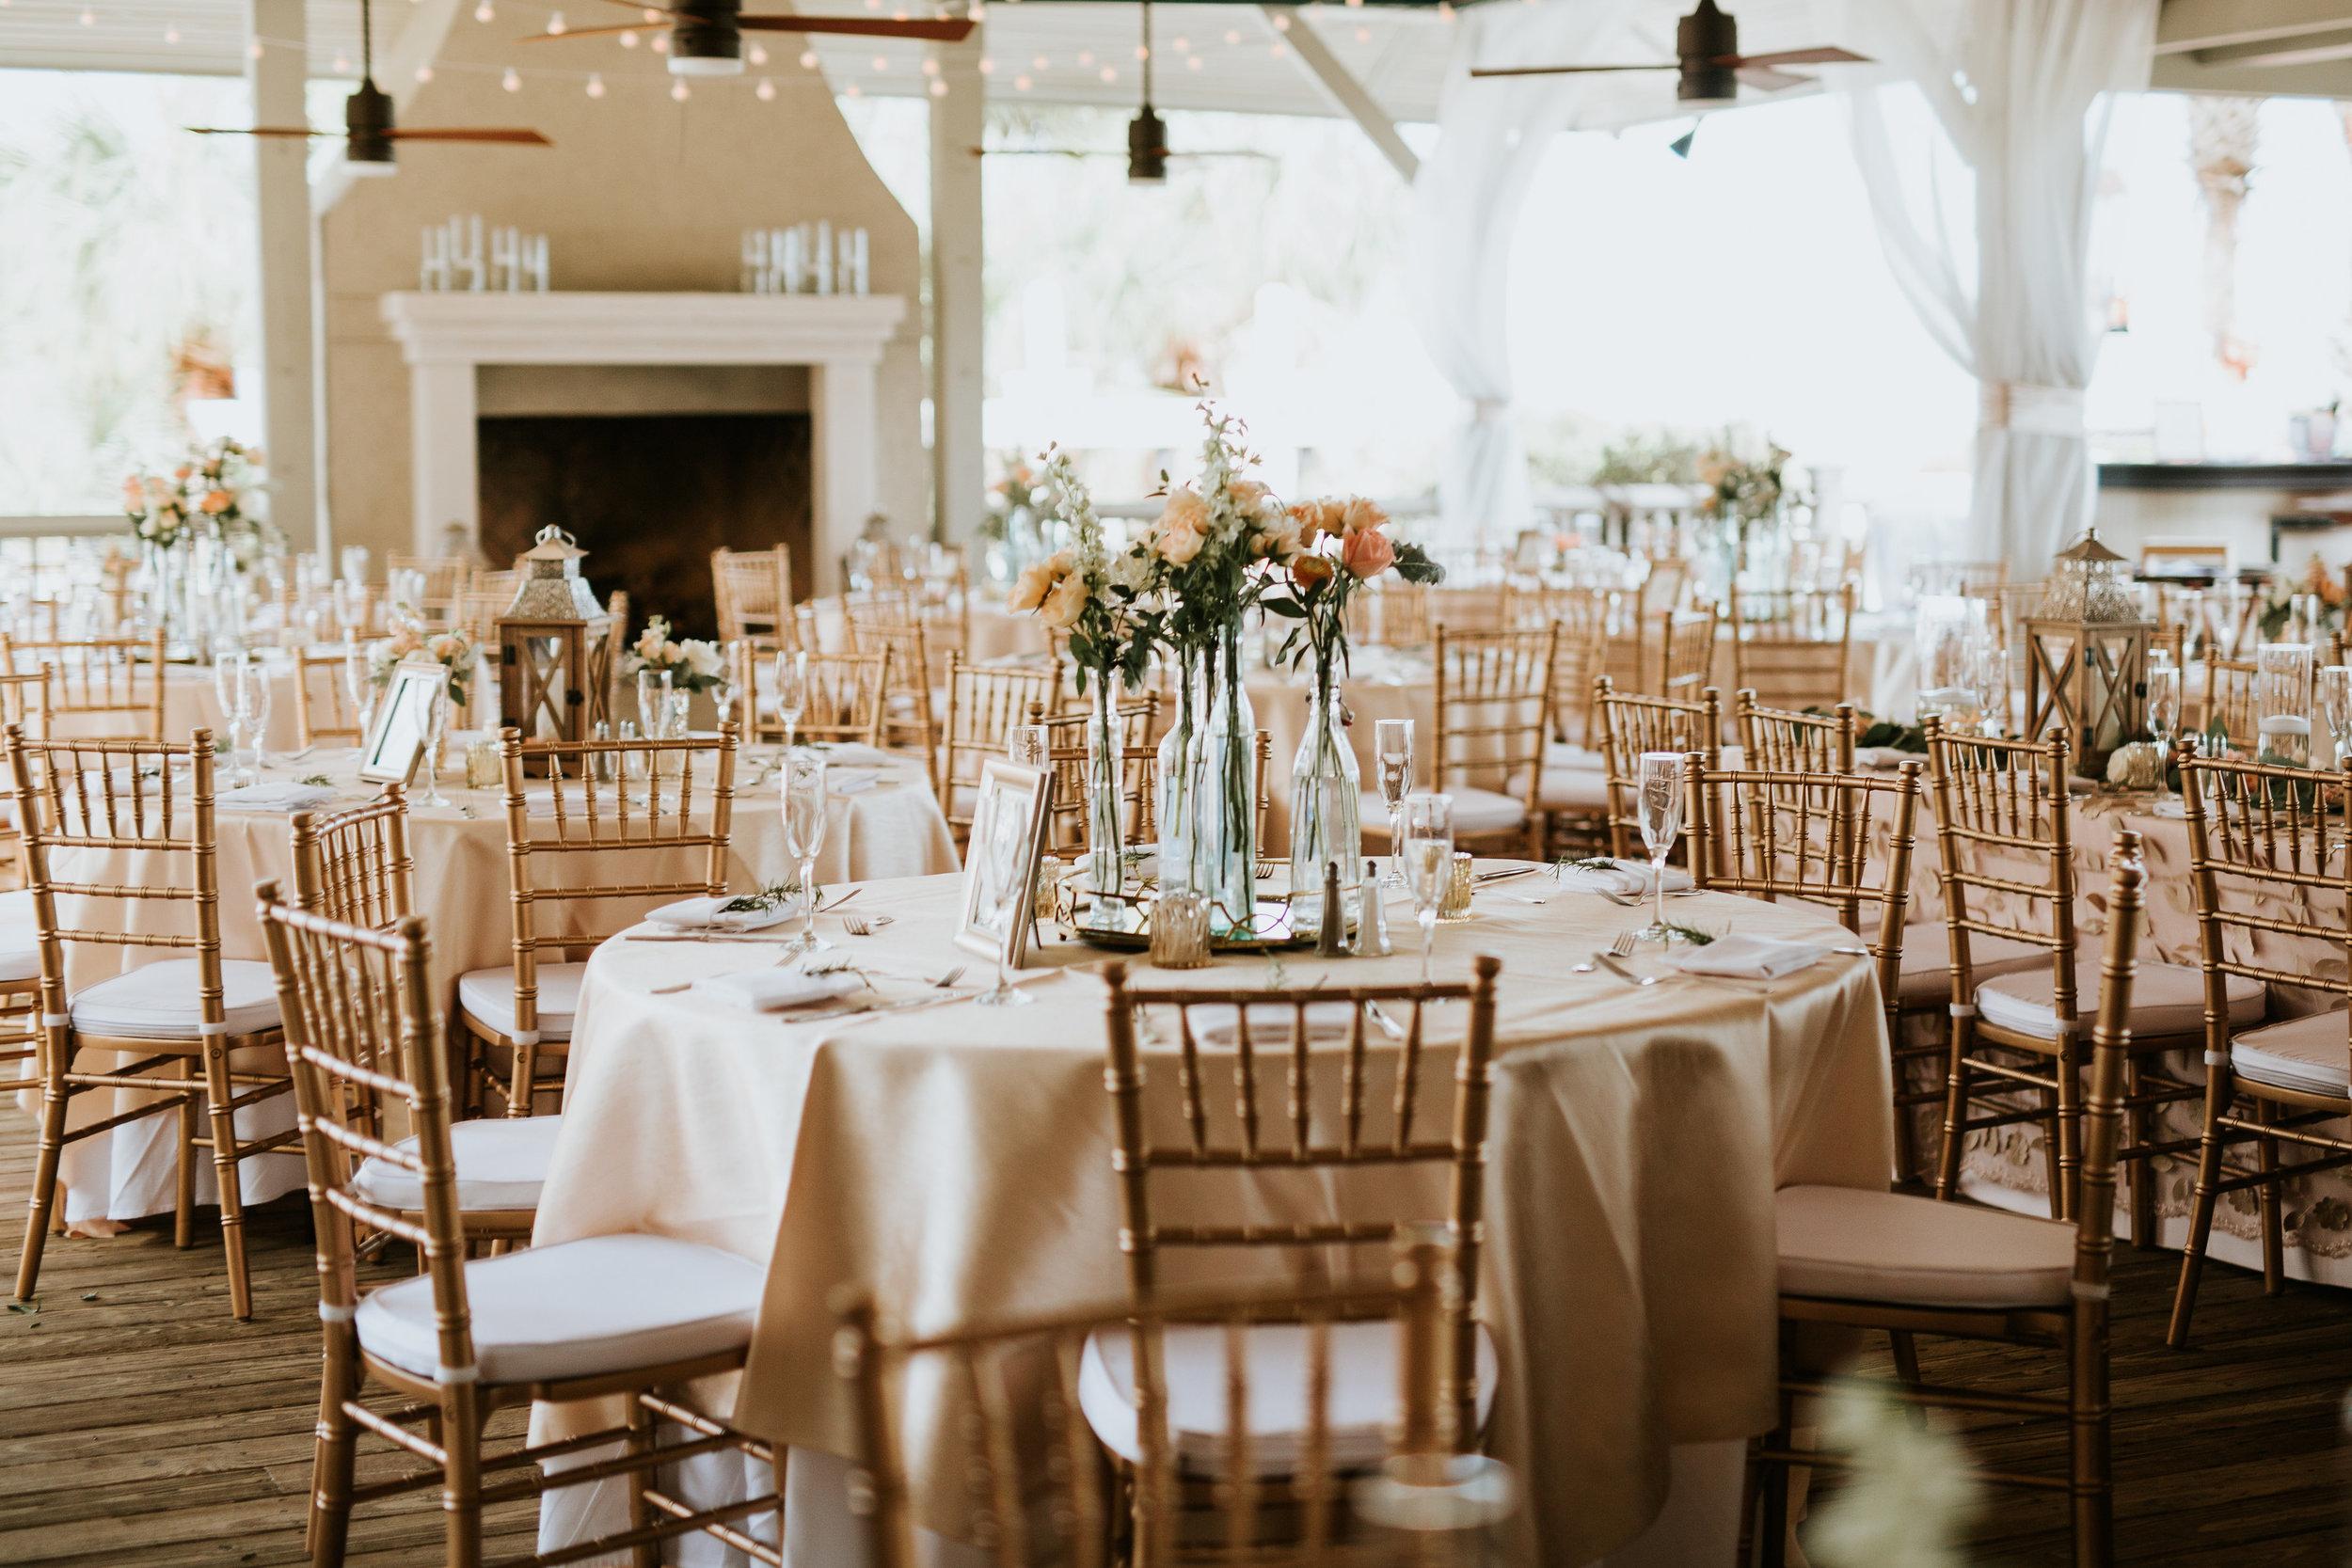 omni-hilton-head-wedding-29.jpg